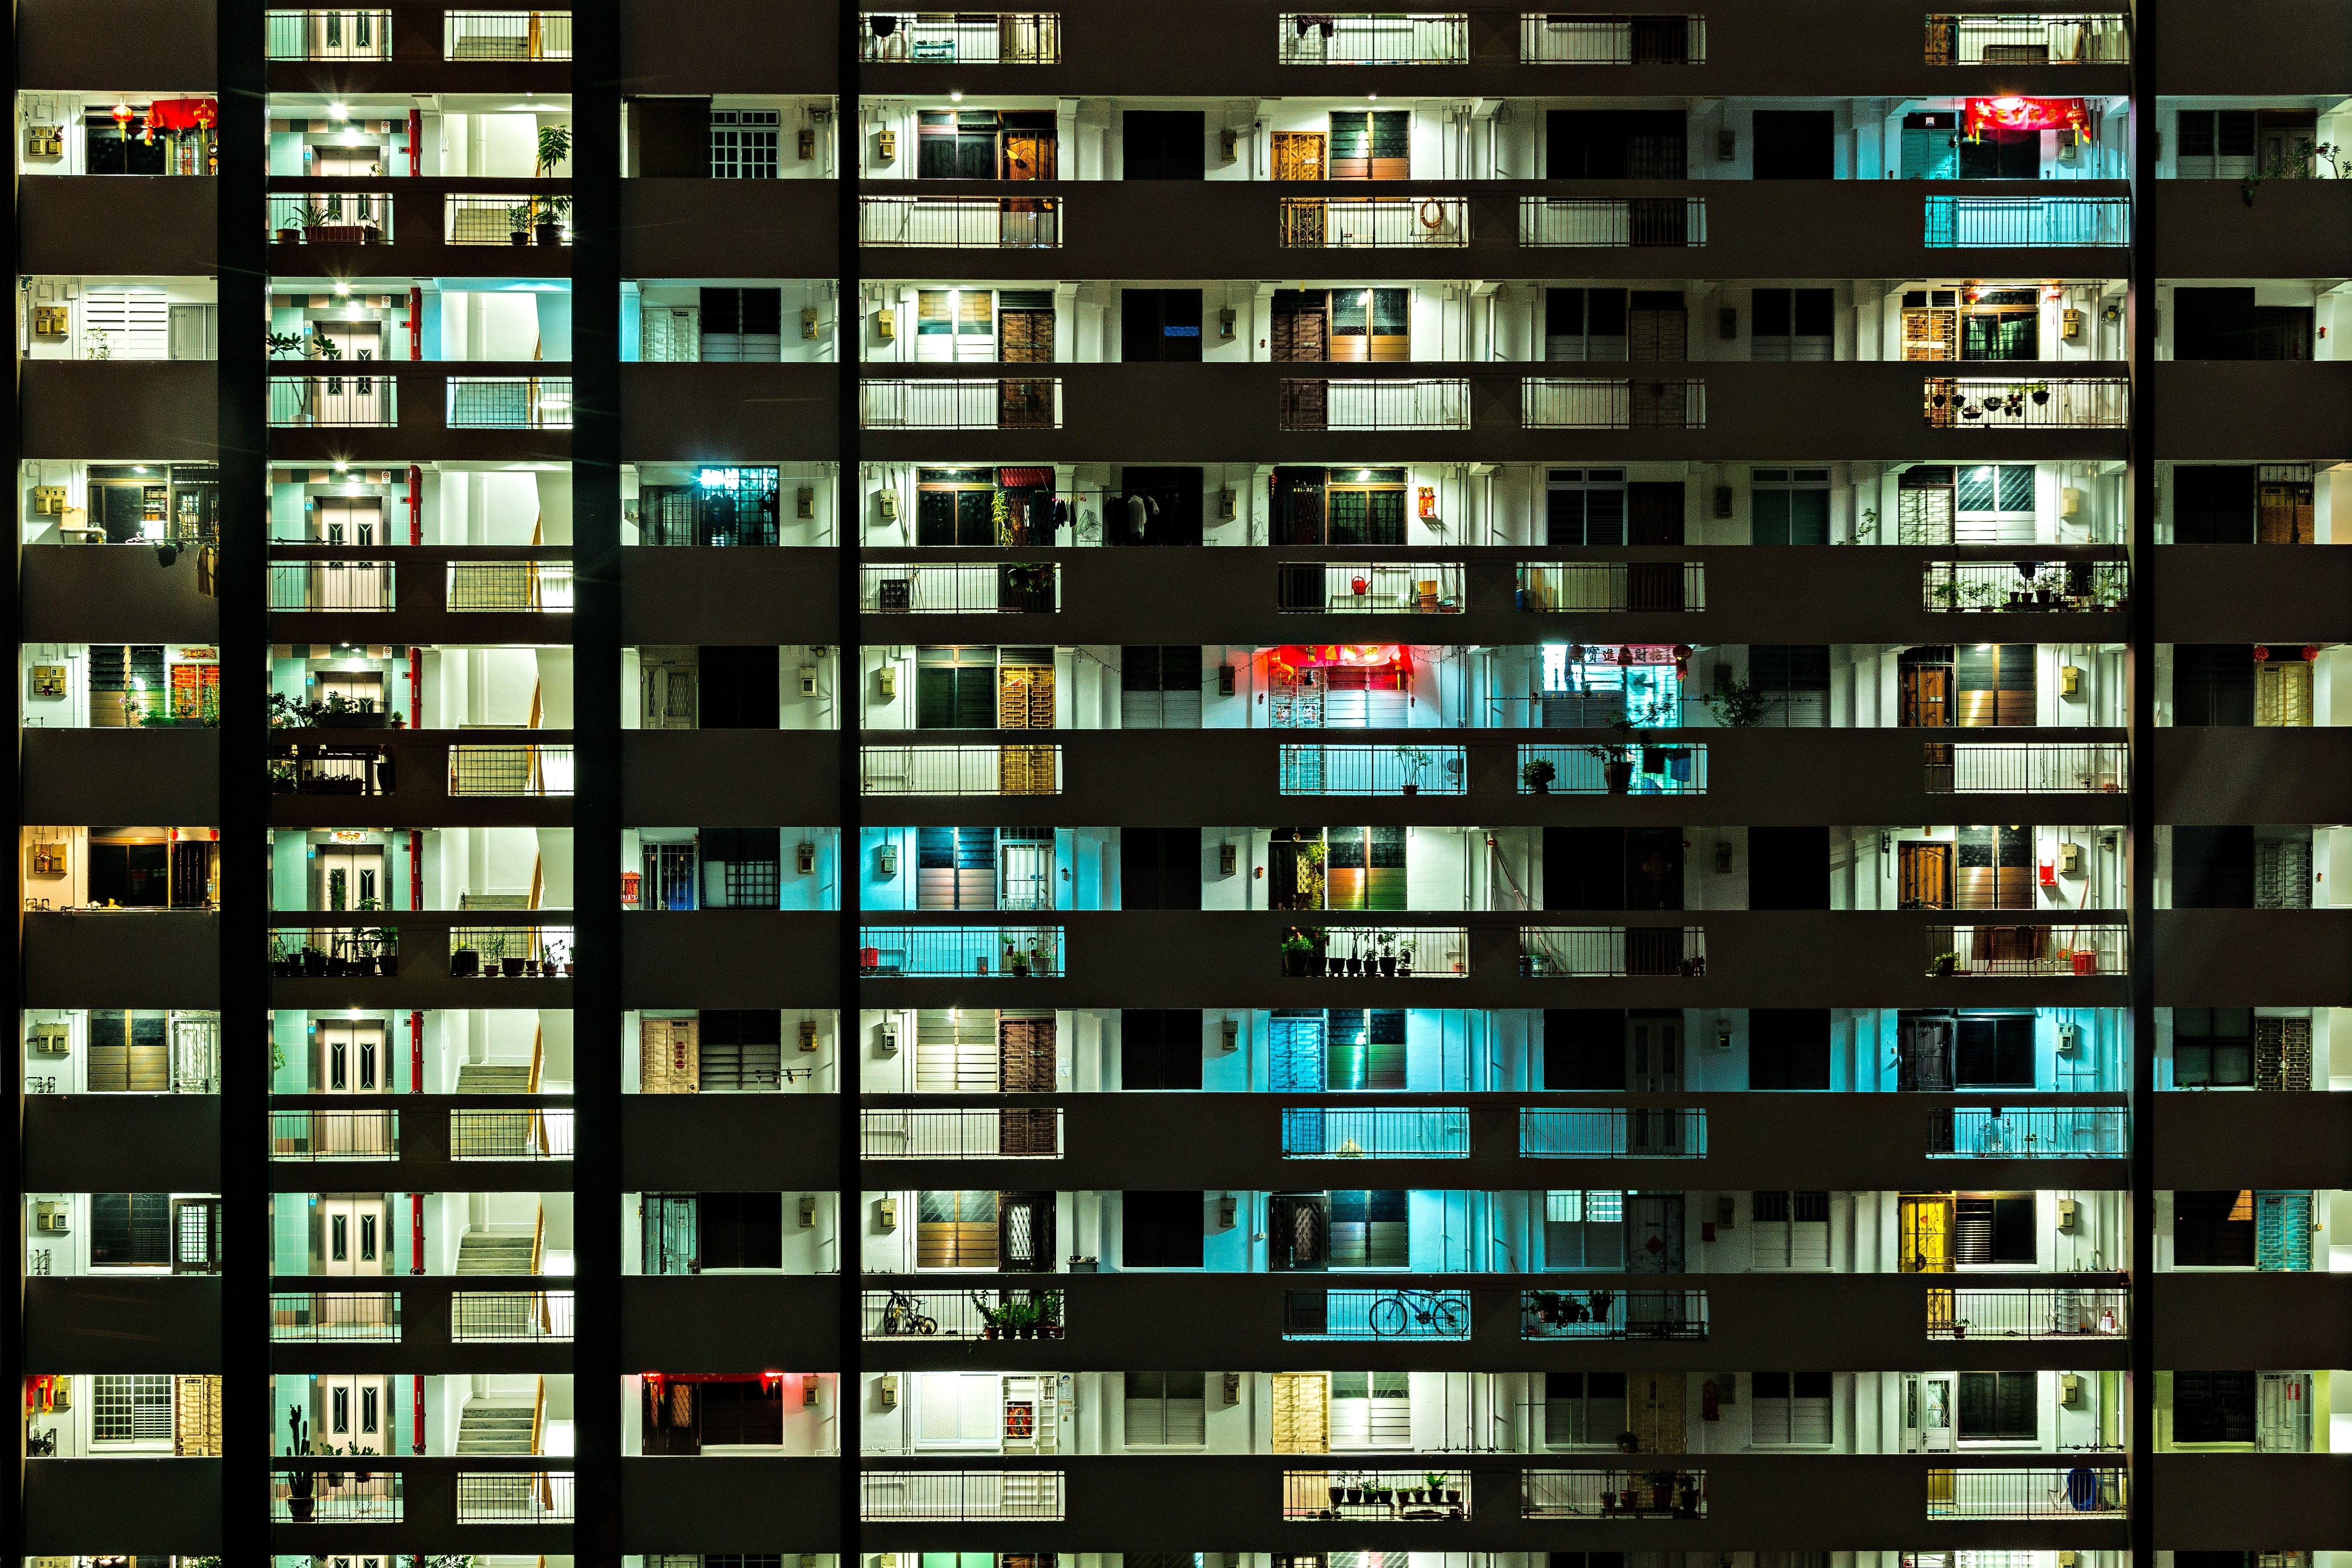 Kostenloses Stock Foto zu architektur, architekturdesign, beleuchtet, gebäude